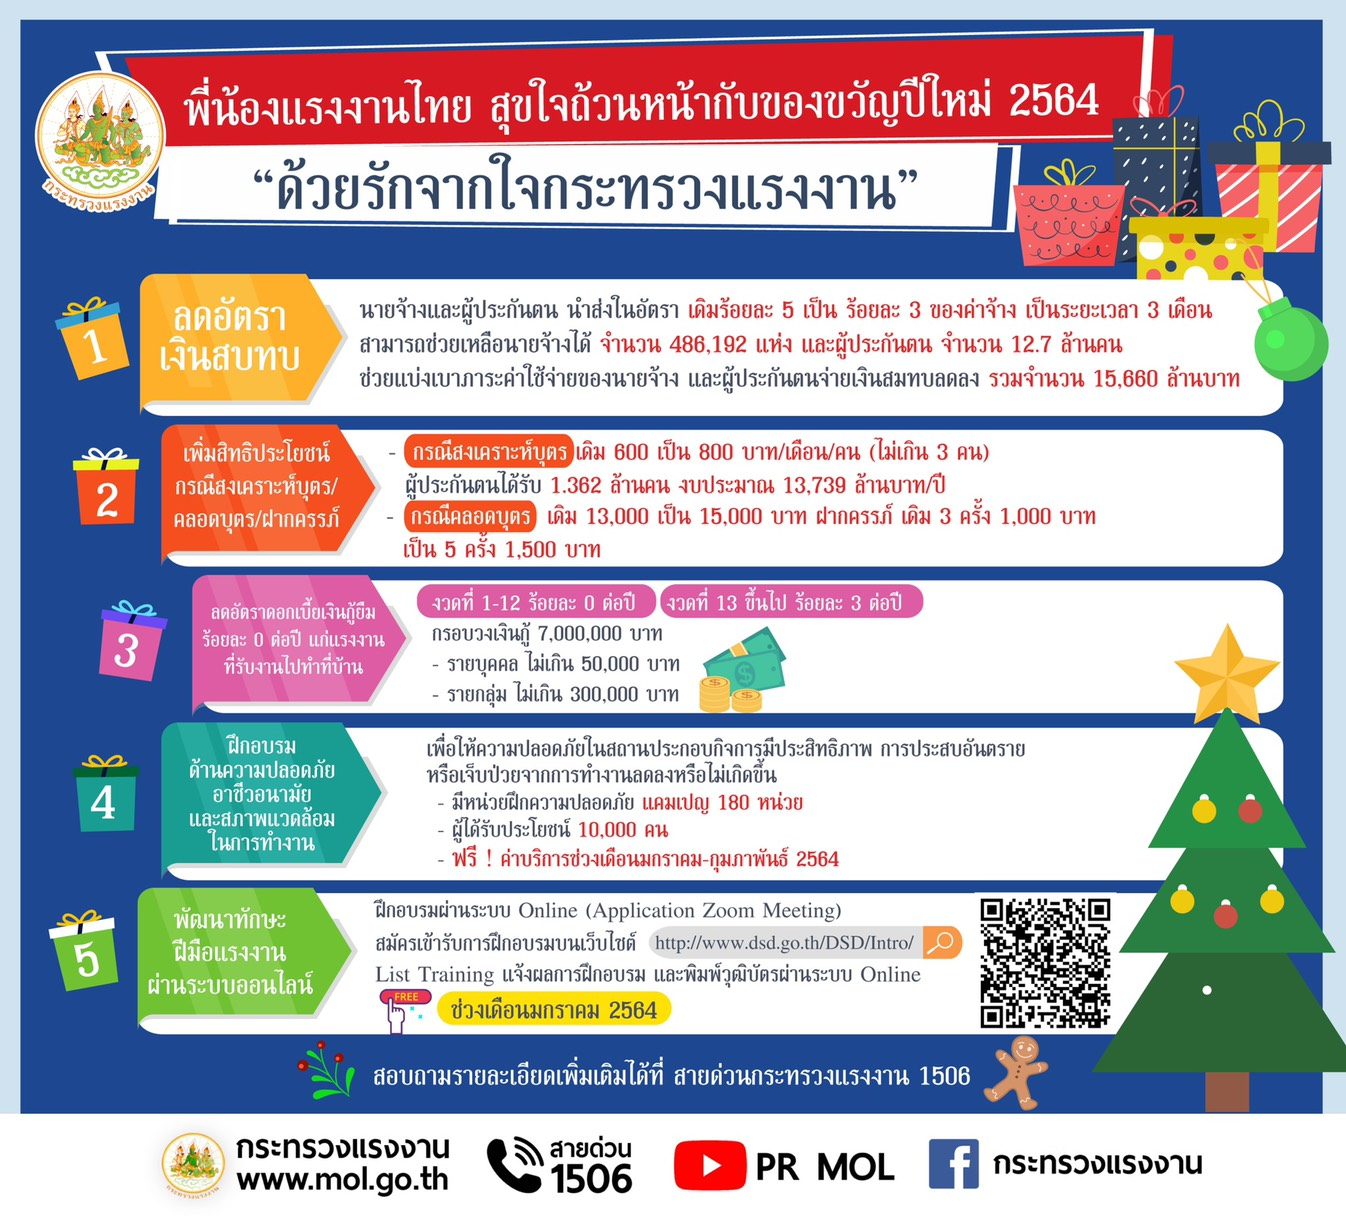 ของขวัญปีใหม่ให้ผู้ใช้แรงงาน 5 ชิ้น ชูแคมเปญ รักจากใจแรงงานไทยสุขใจถ้วนหน้า